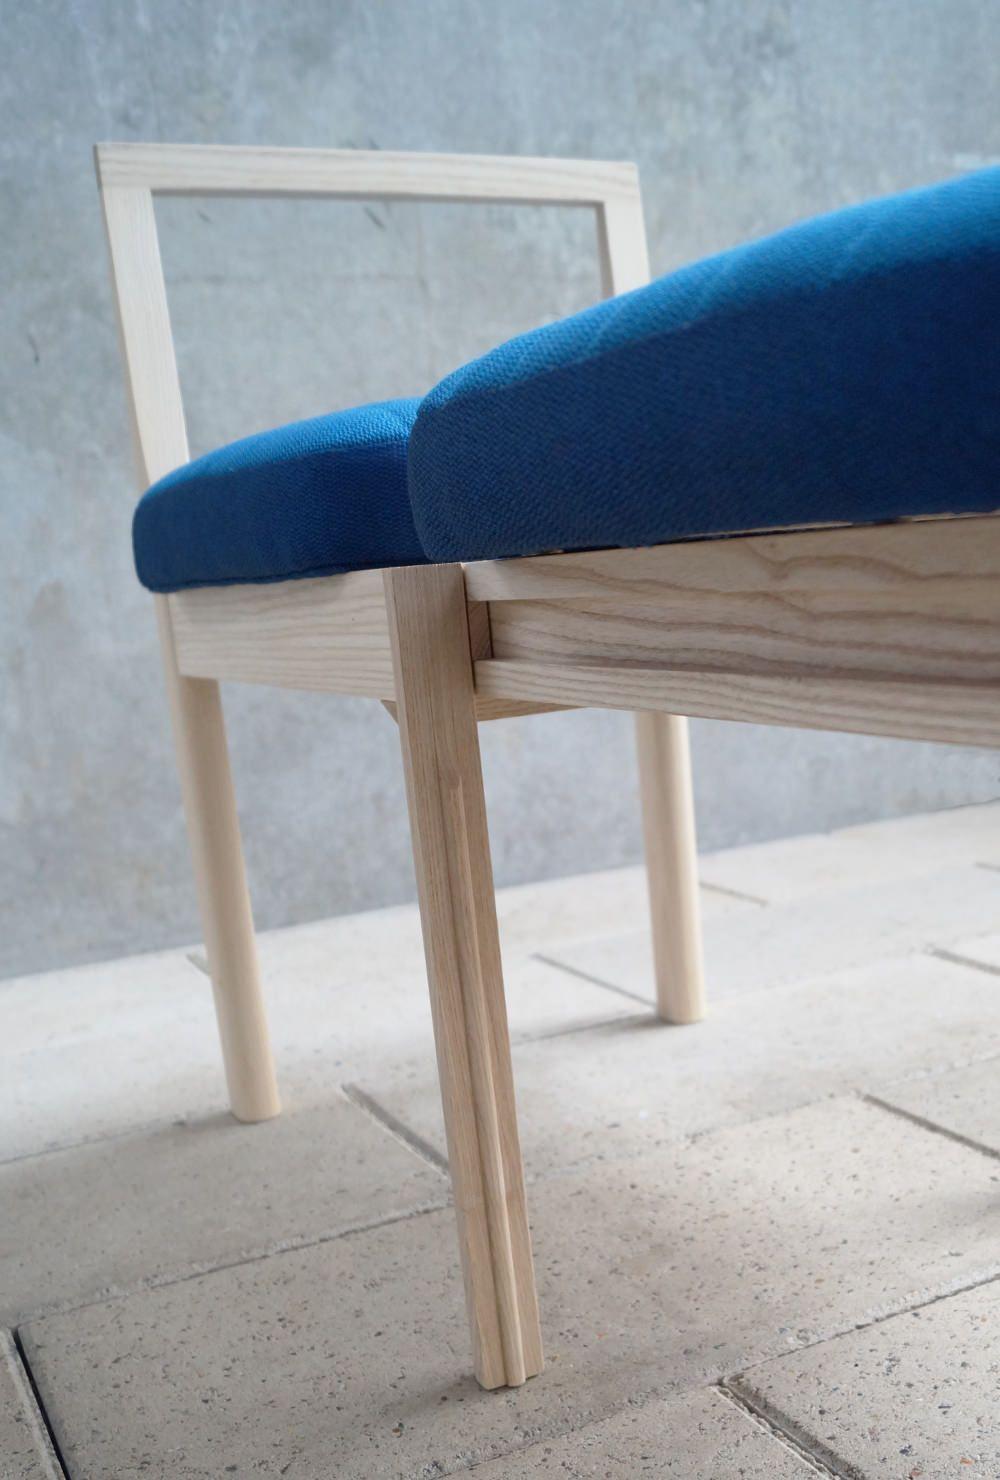 Projet étudiant : A Chair For Two Par Lotte Nygaard Knudsen